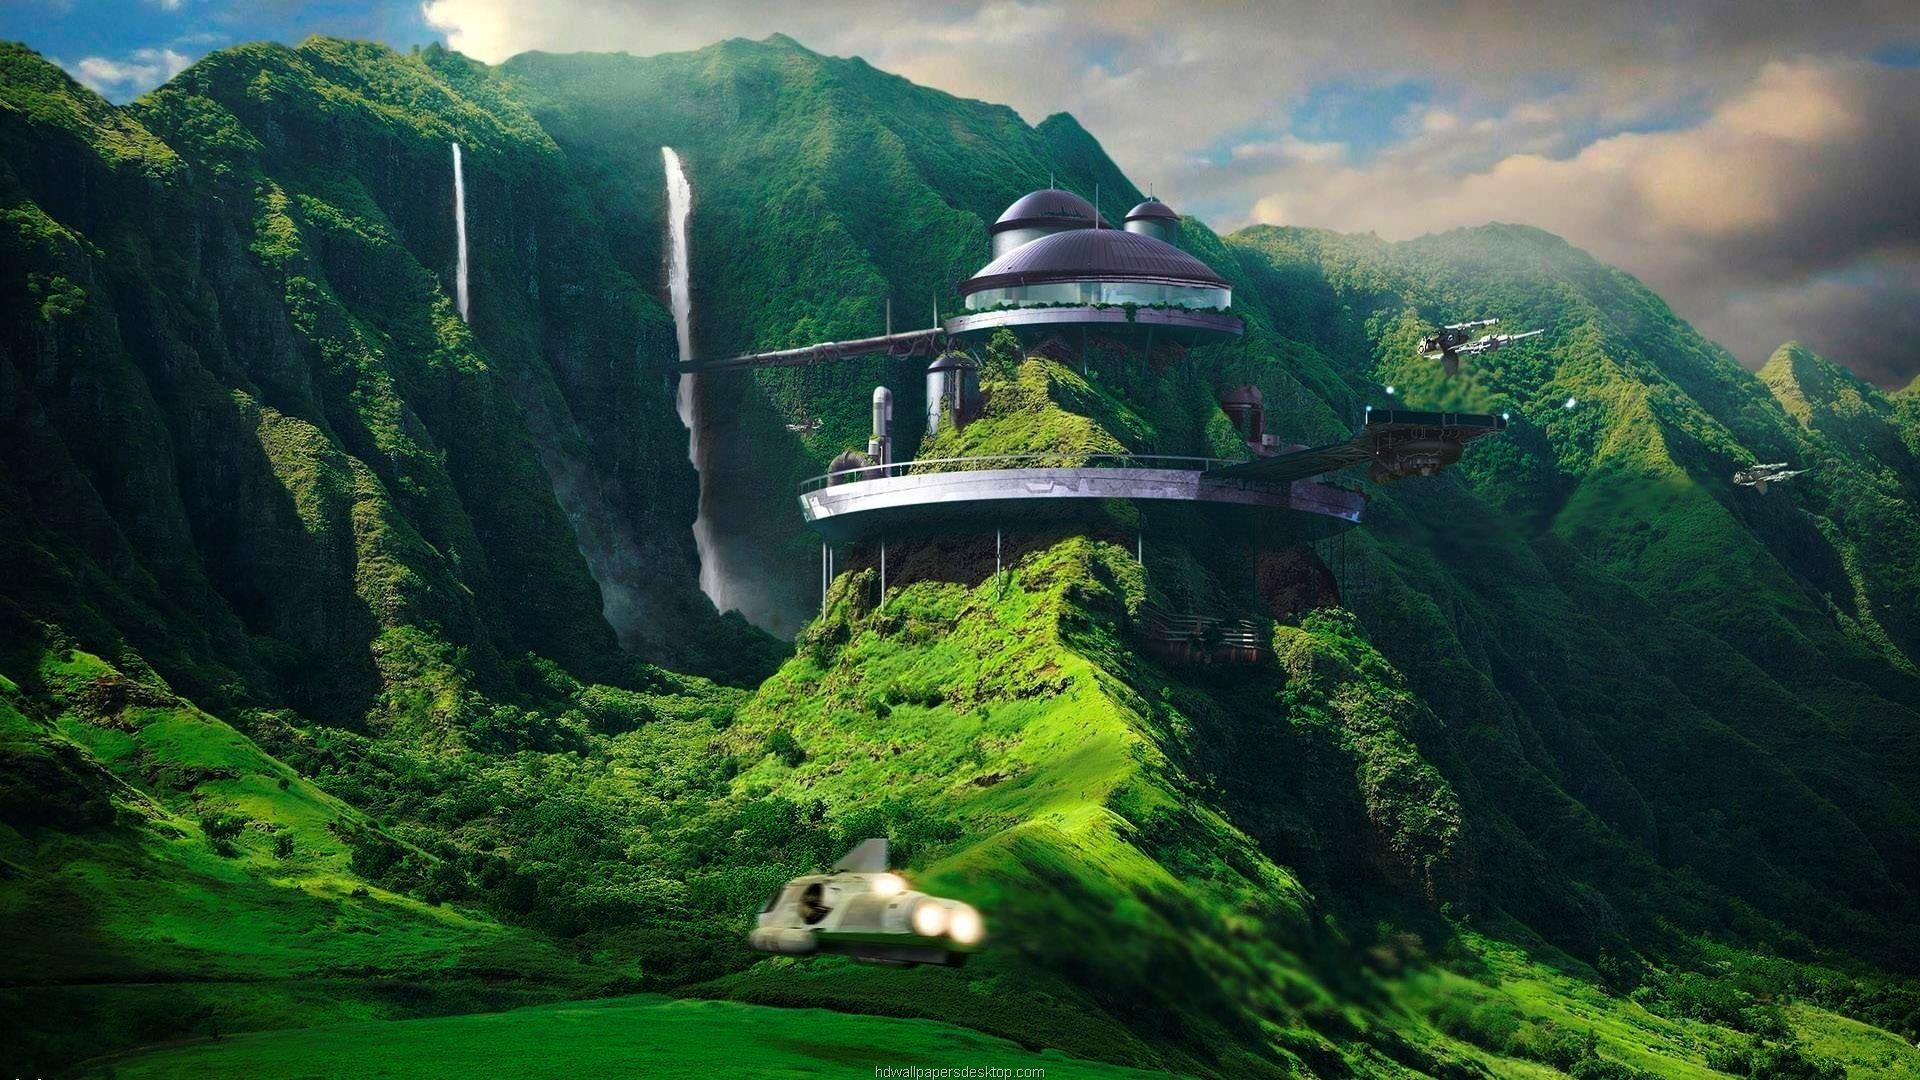 Full Hd Wallpapers 1080p In 2020 Fantasy Landscape Futuristic Architecture Futuristic City